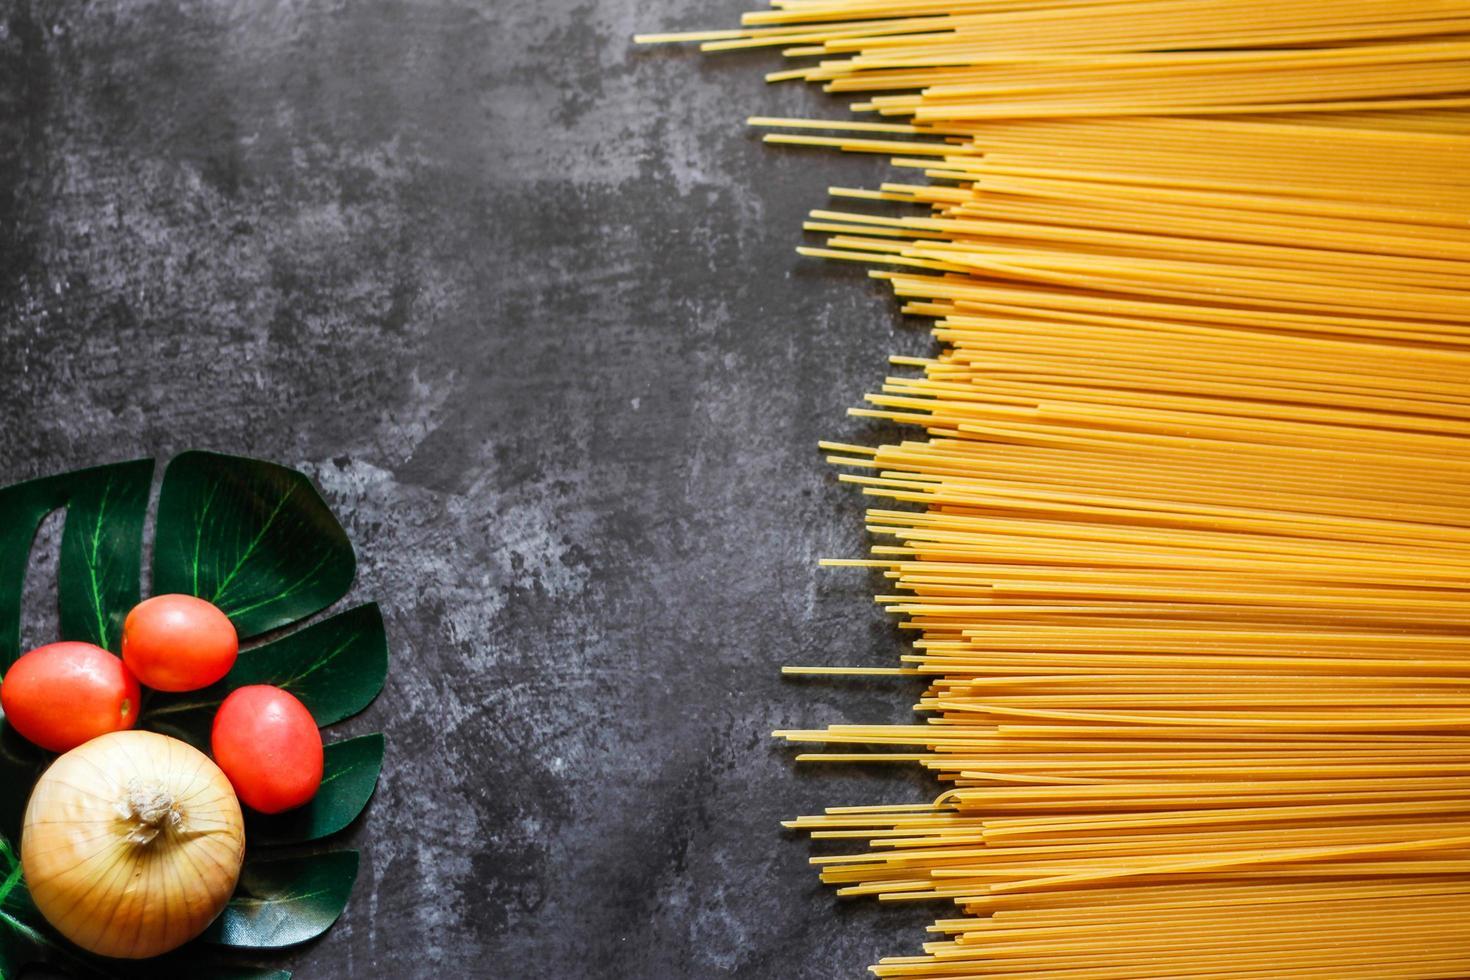 espaguetis largos amarillos sobre un fondo rústico. pasta italiana amarilla. espaguetis largos. espaguetis crudos a la boloñesa. espaguetis crudos. concepto de fondo de alimentos. concepto de menú y comida italiana. foto